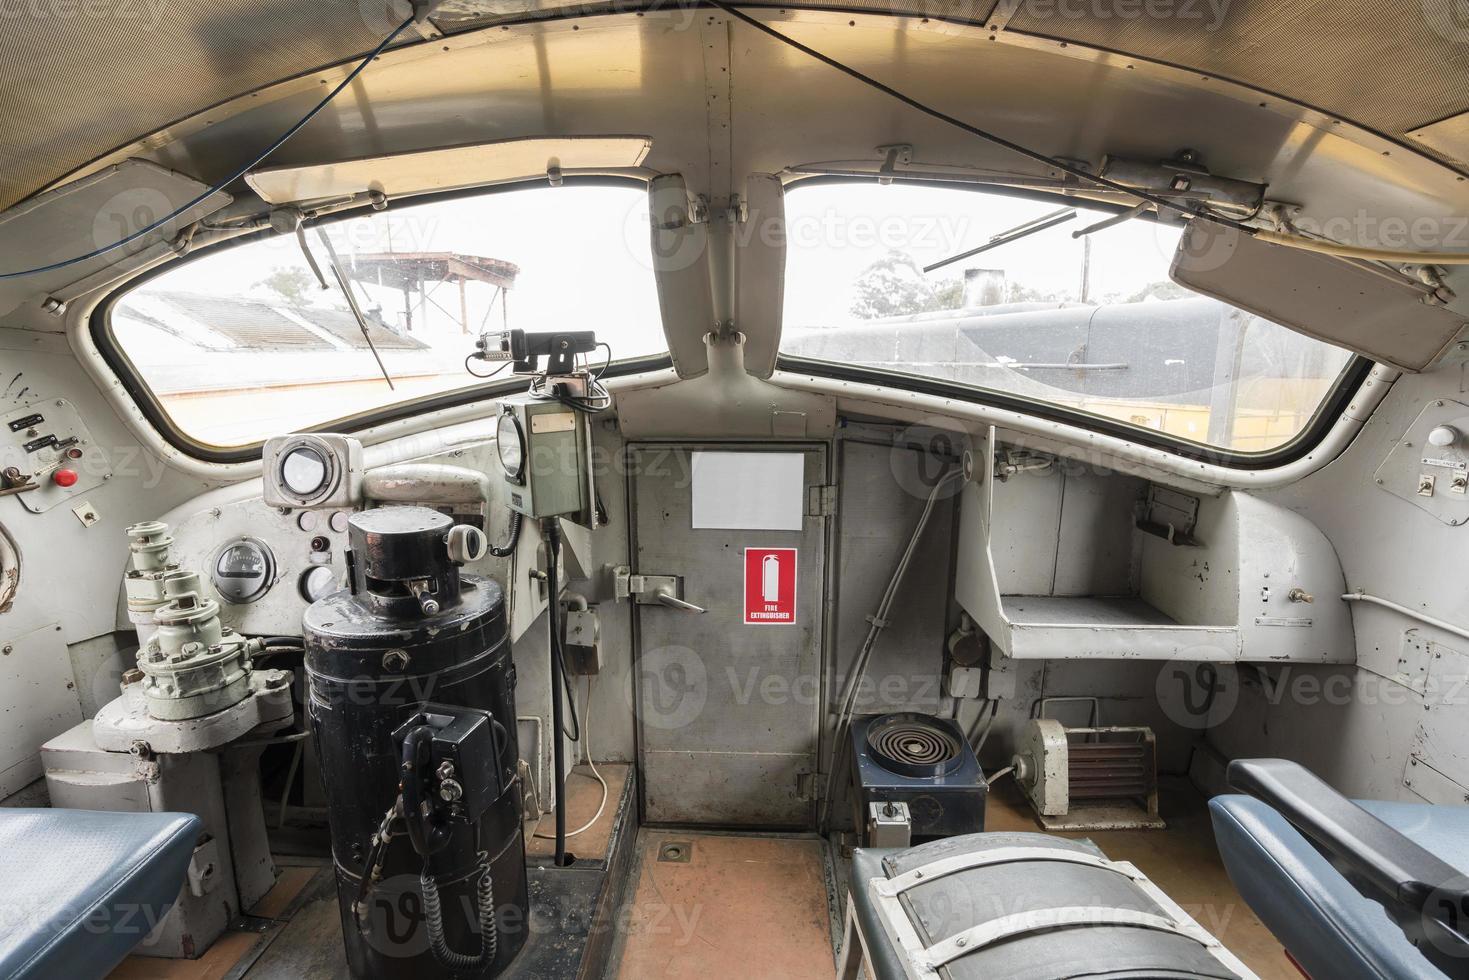 bestuurderscabine van een diesellocomotief foto